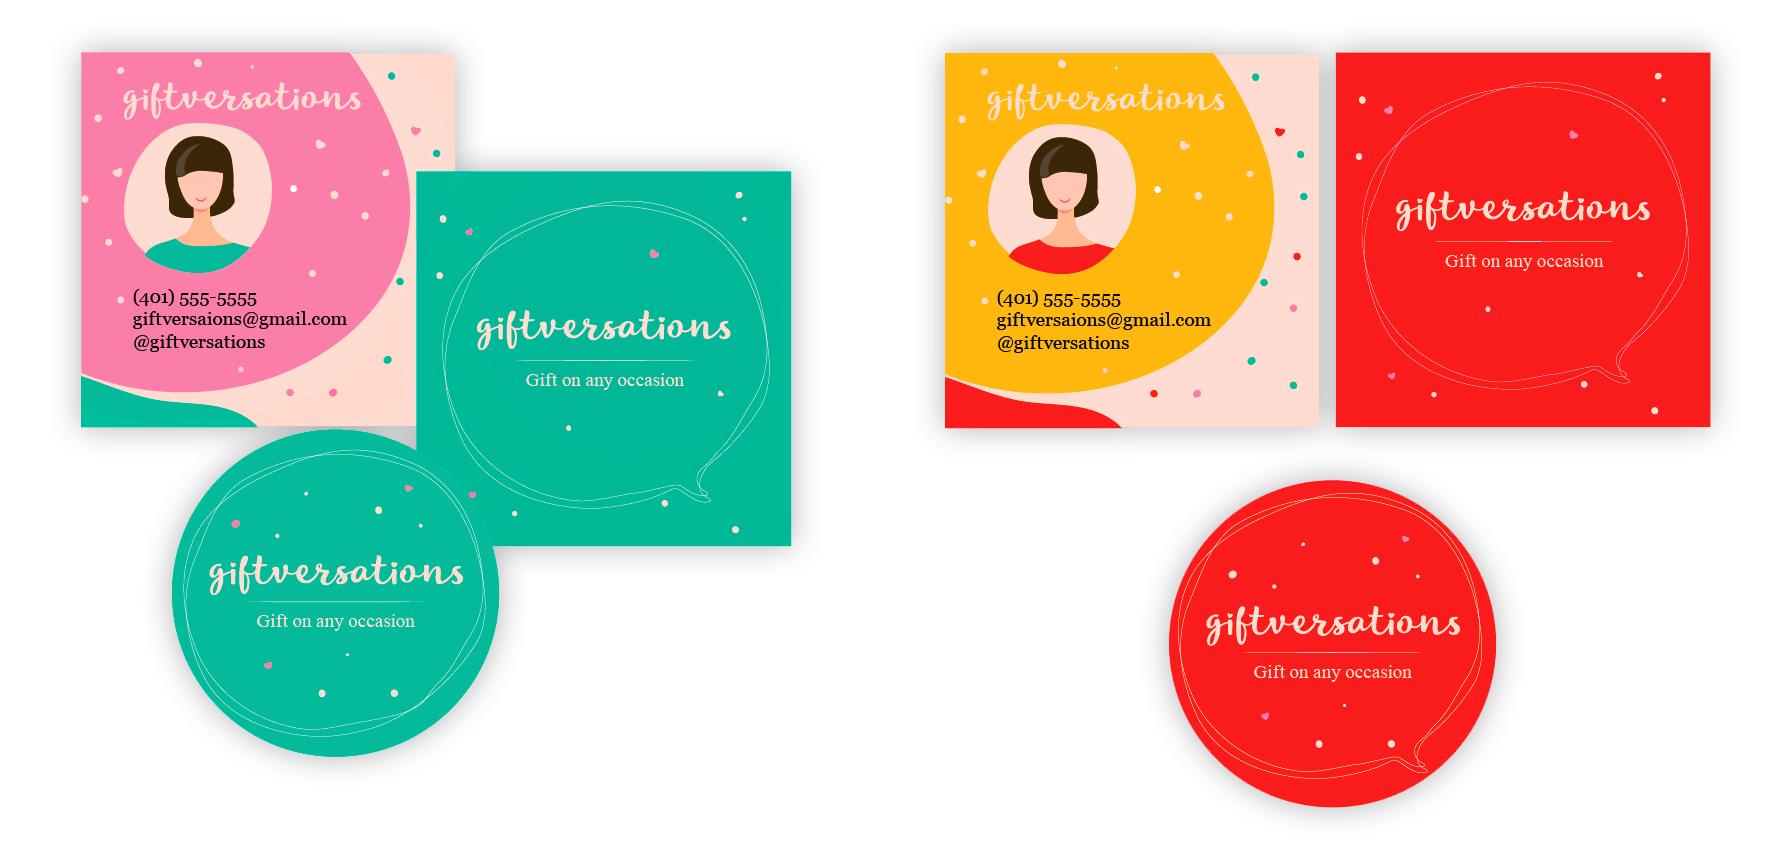 GiftVersations